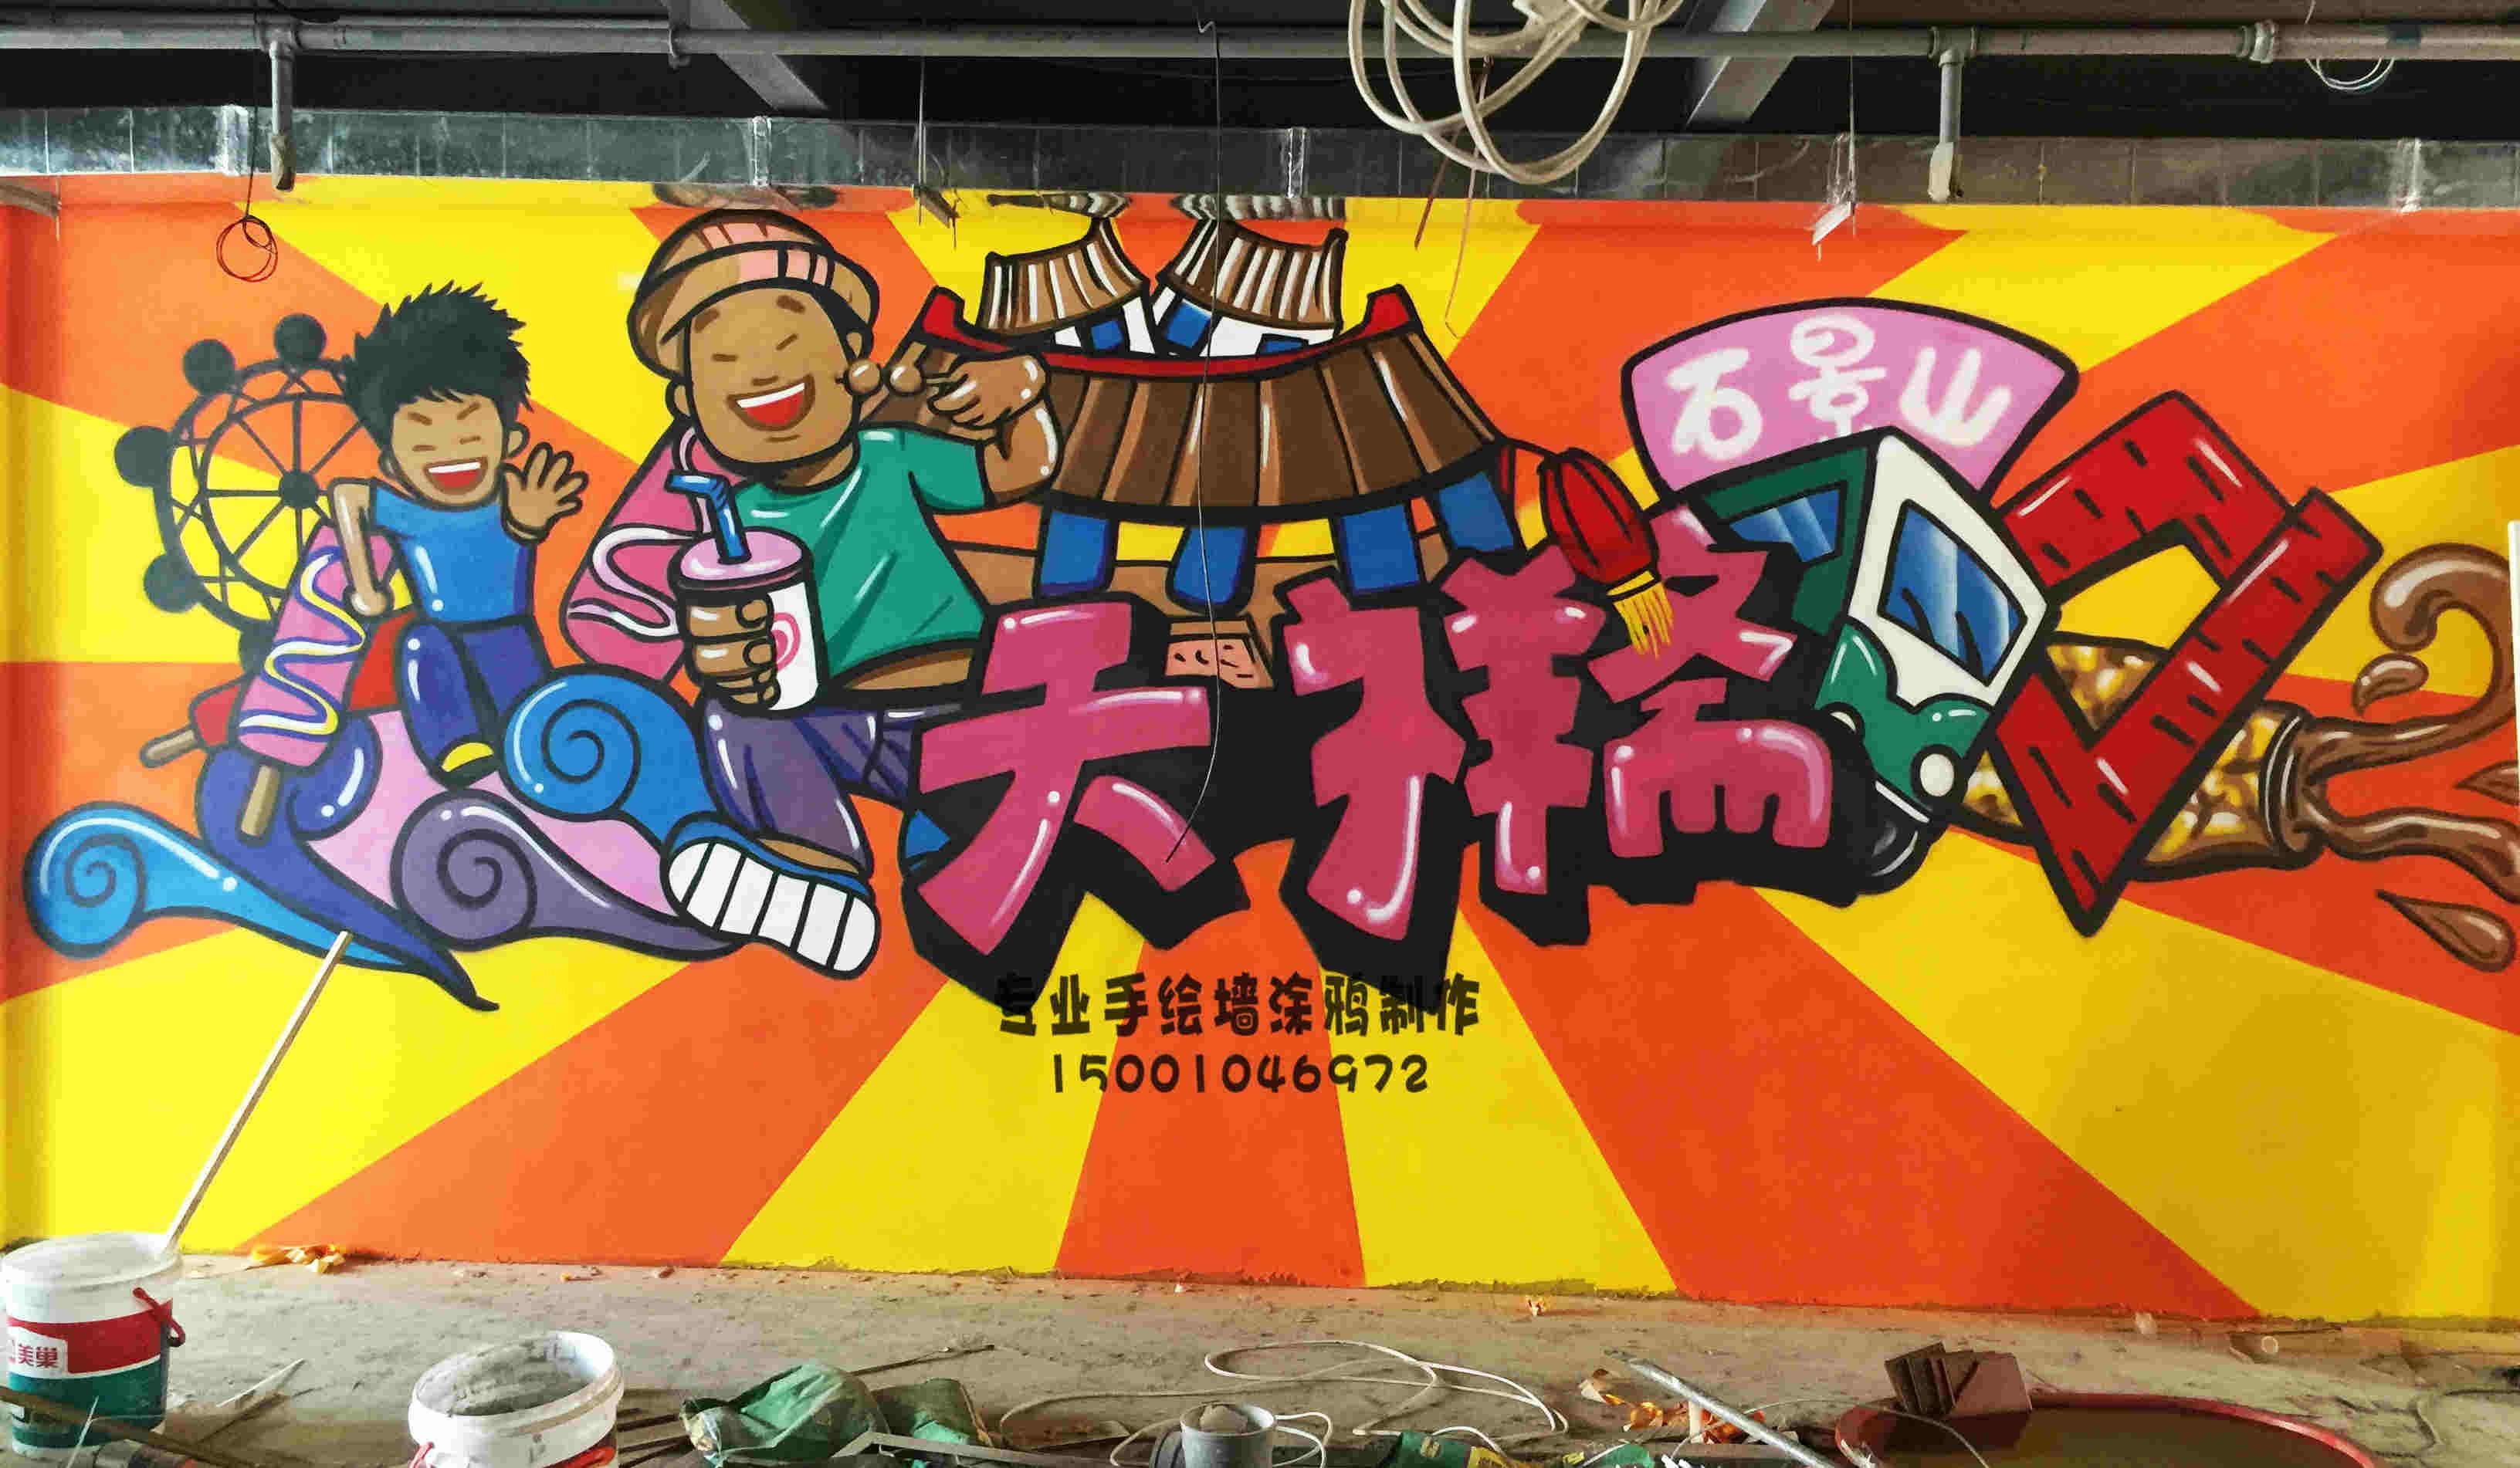 北京手绘墙涂鸦团队石景山首钢体育中心天祥斋美食城街头涂鸦墙绘主题餐厅涂鸦_北京涂鸦团队